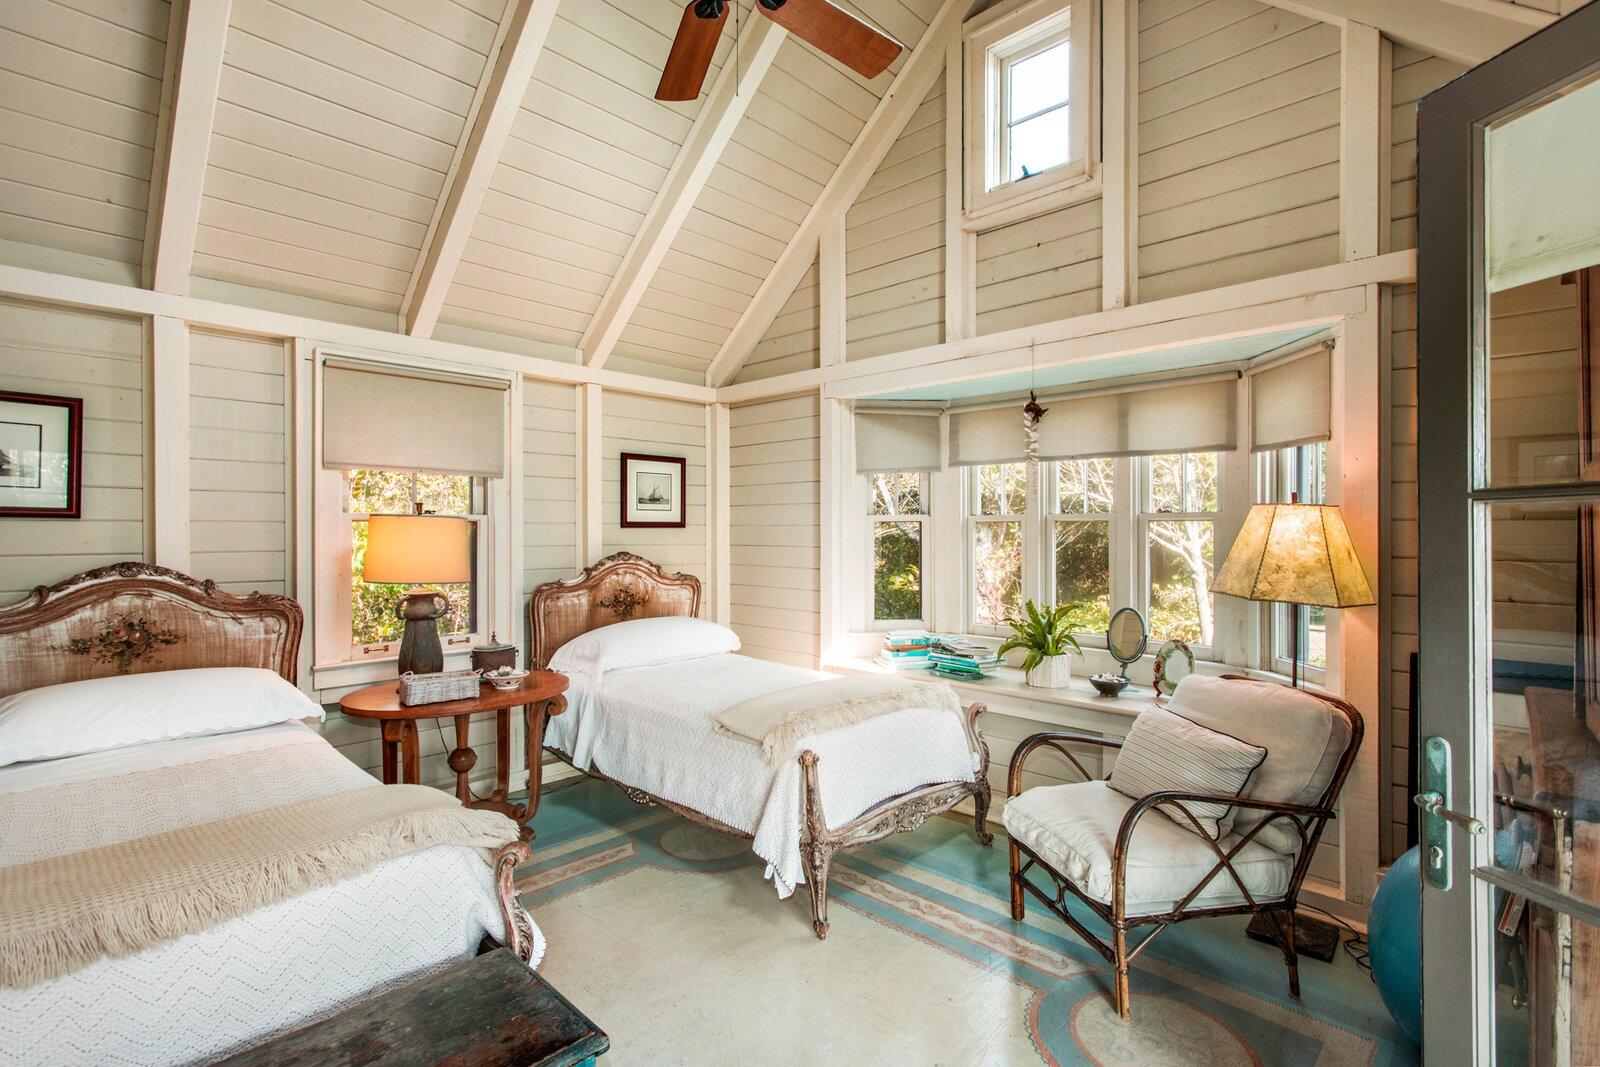 Water Island Beach Pavilion cottage interior